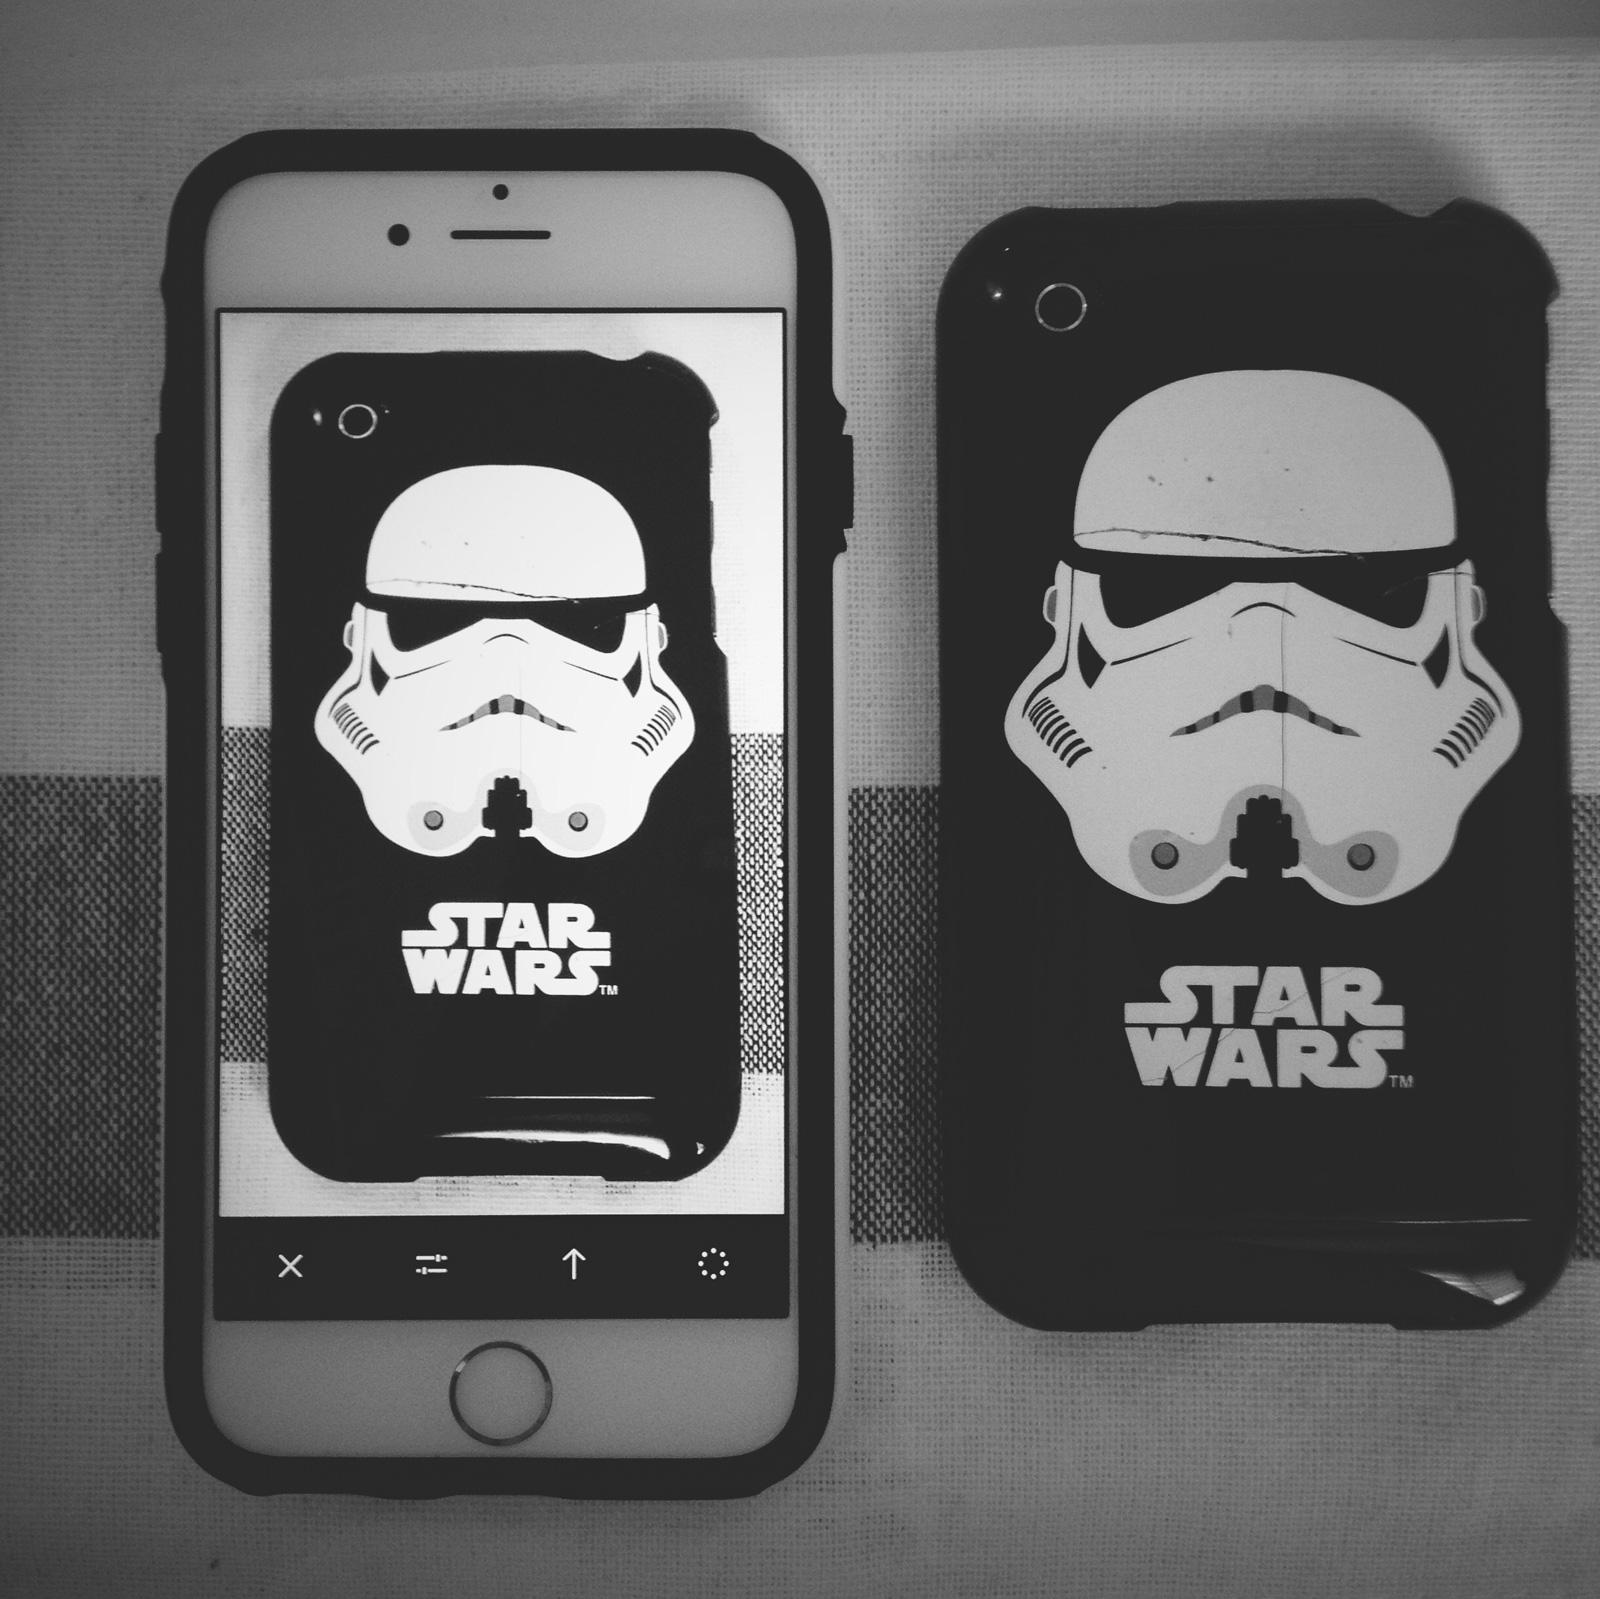 iphone 3gs starwars case